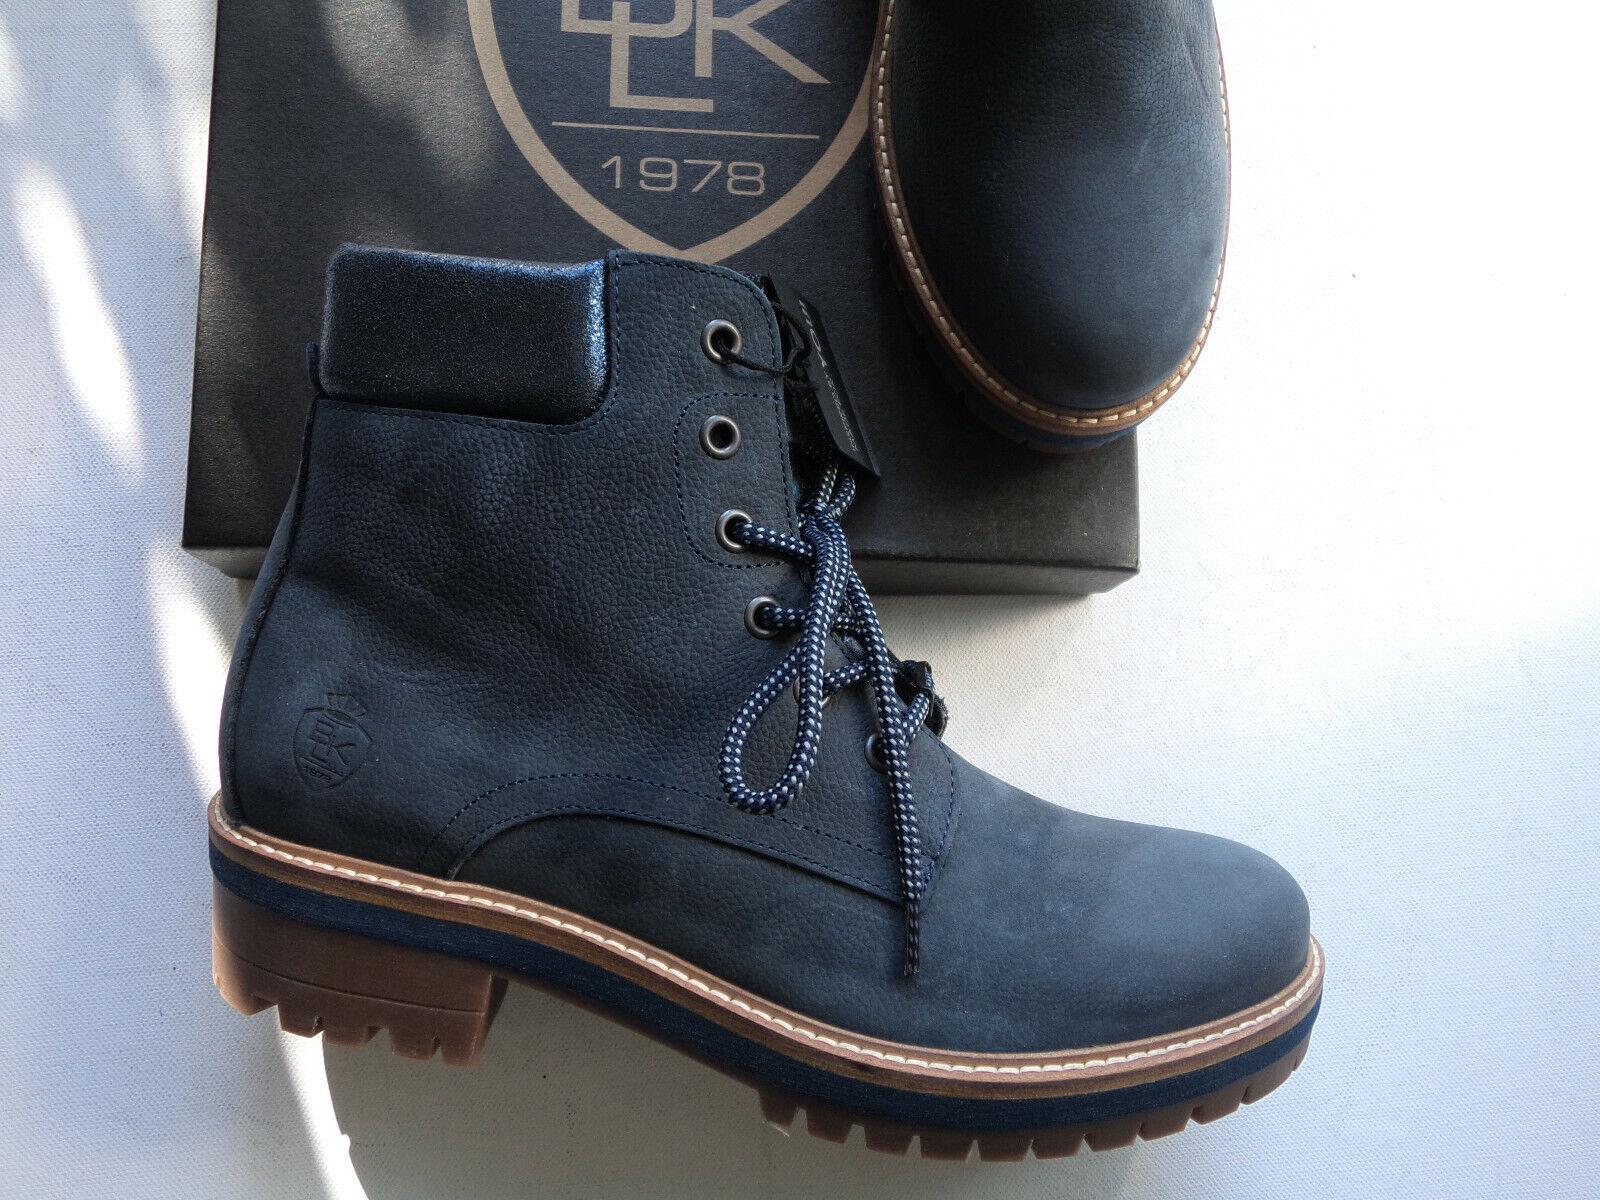 NEU schwarz Stiefel Stiefelette echt Leder dunkelblau  Made in Portugal Größe   41